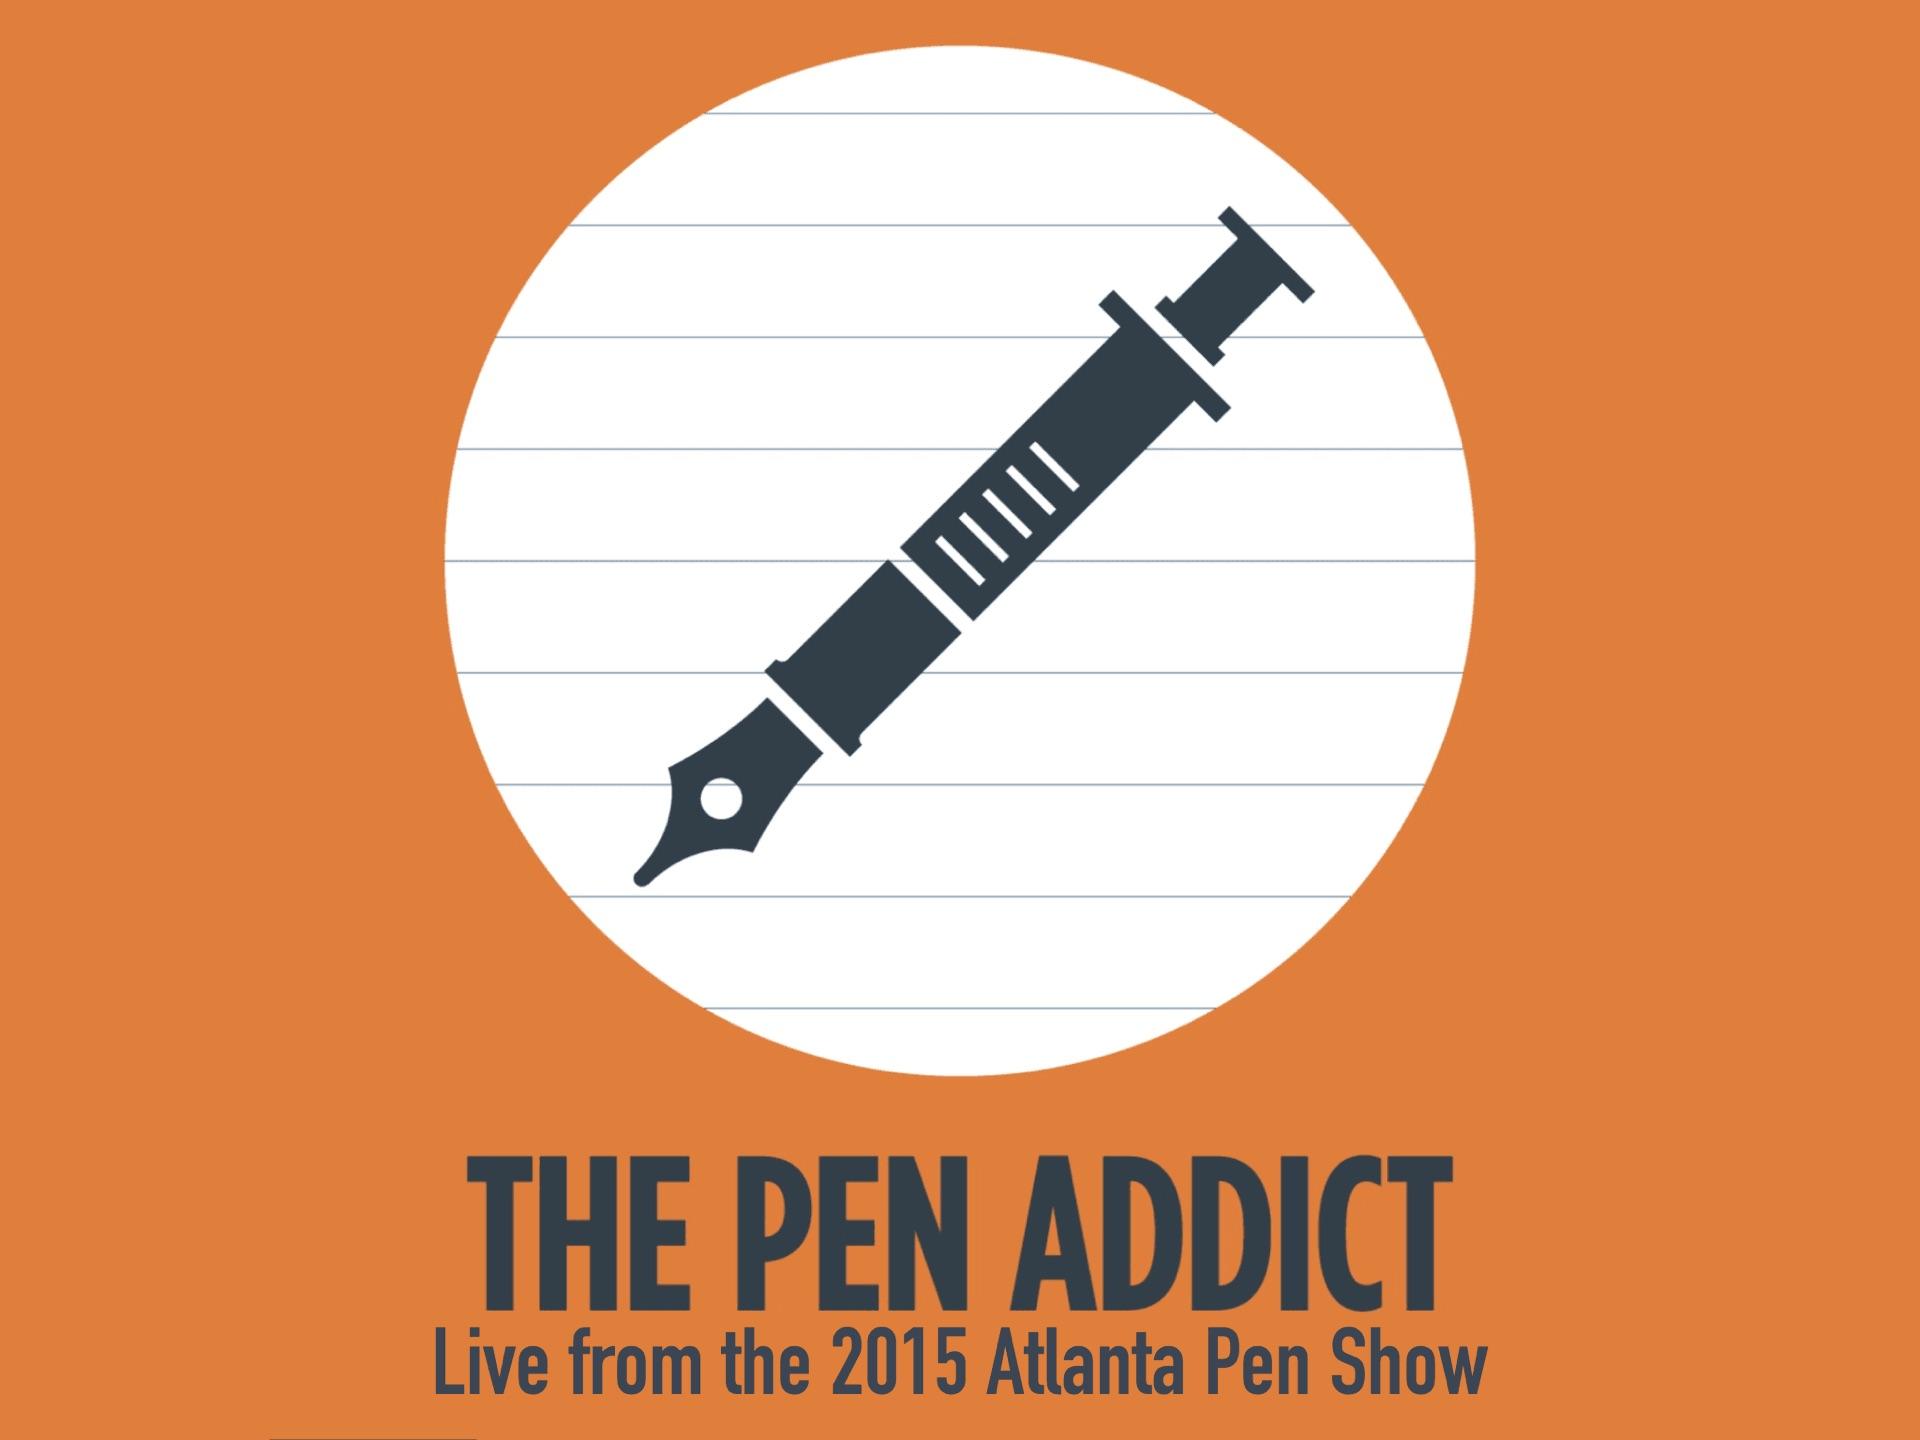 pen-addict-podcast-live-2015-atlanta-pen-show